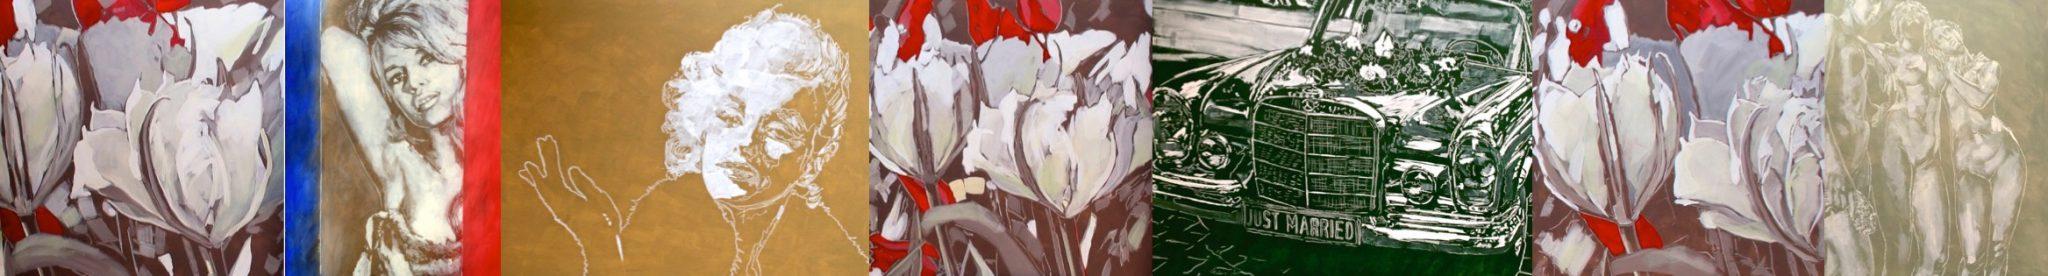 Bouquet des fleurs II Ausstellung 2017 DF.Lüers